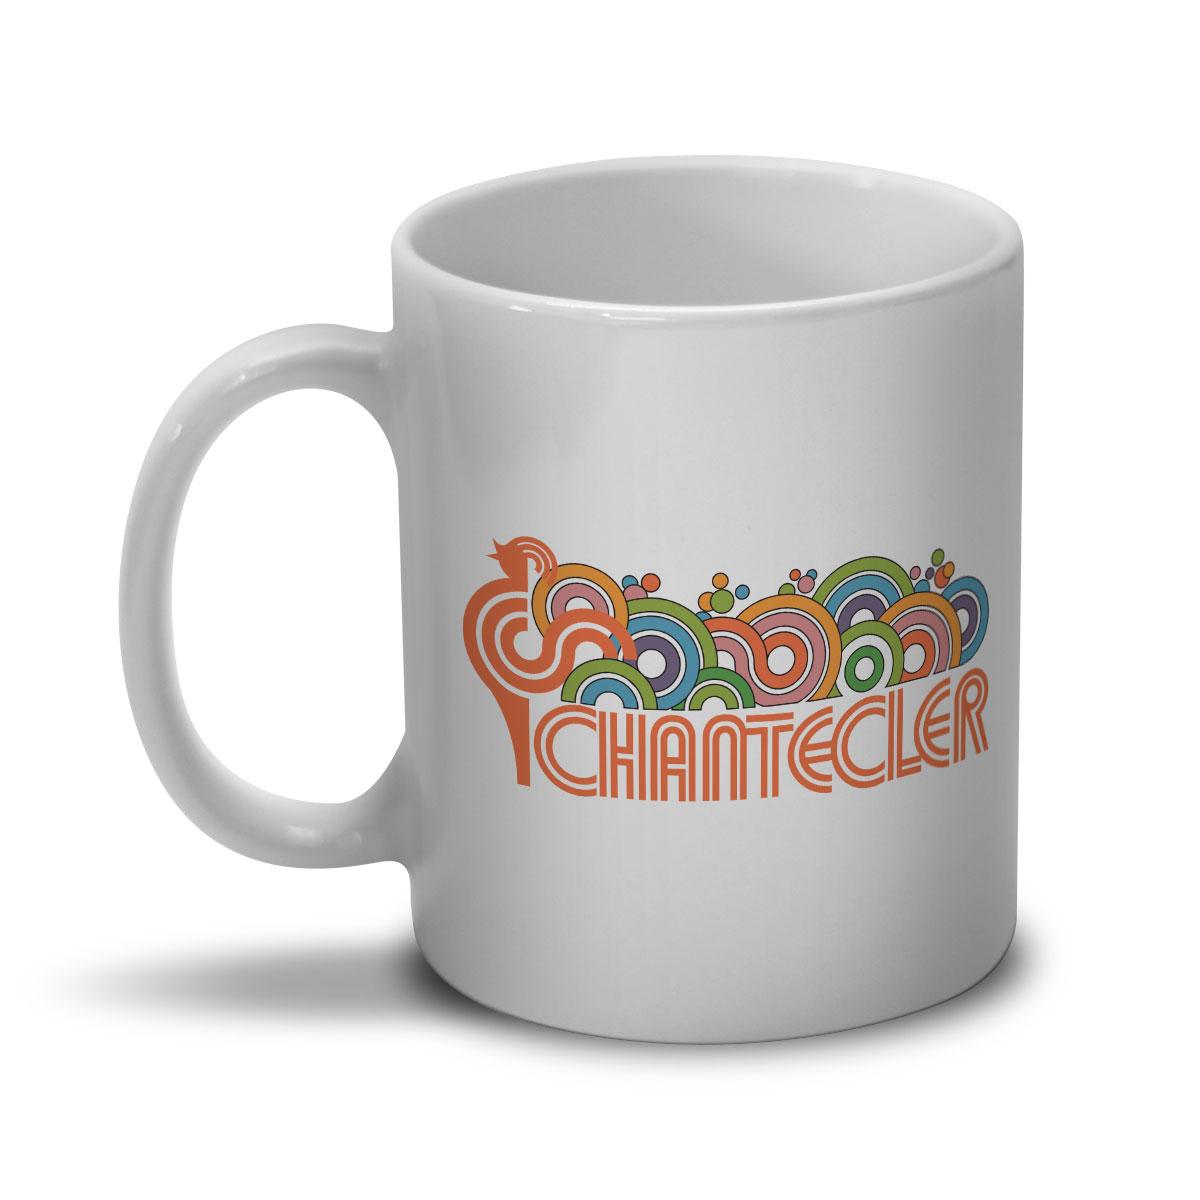 Caneca Chantecler 1